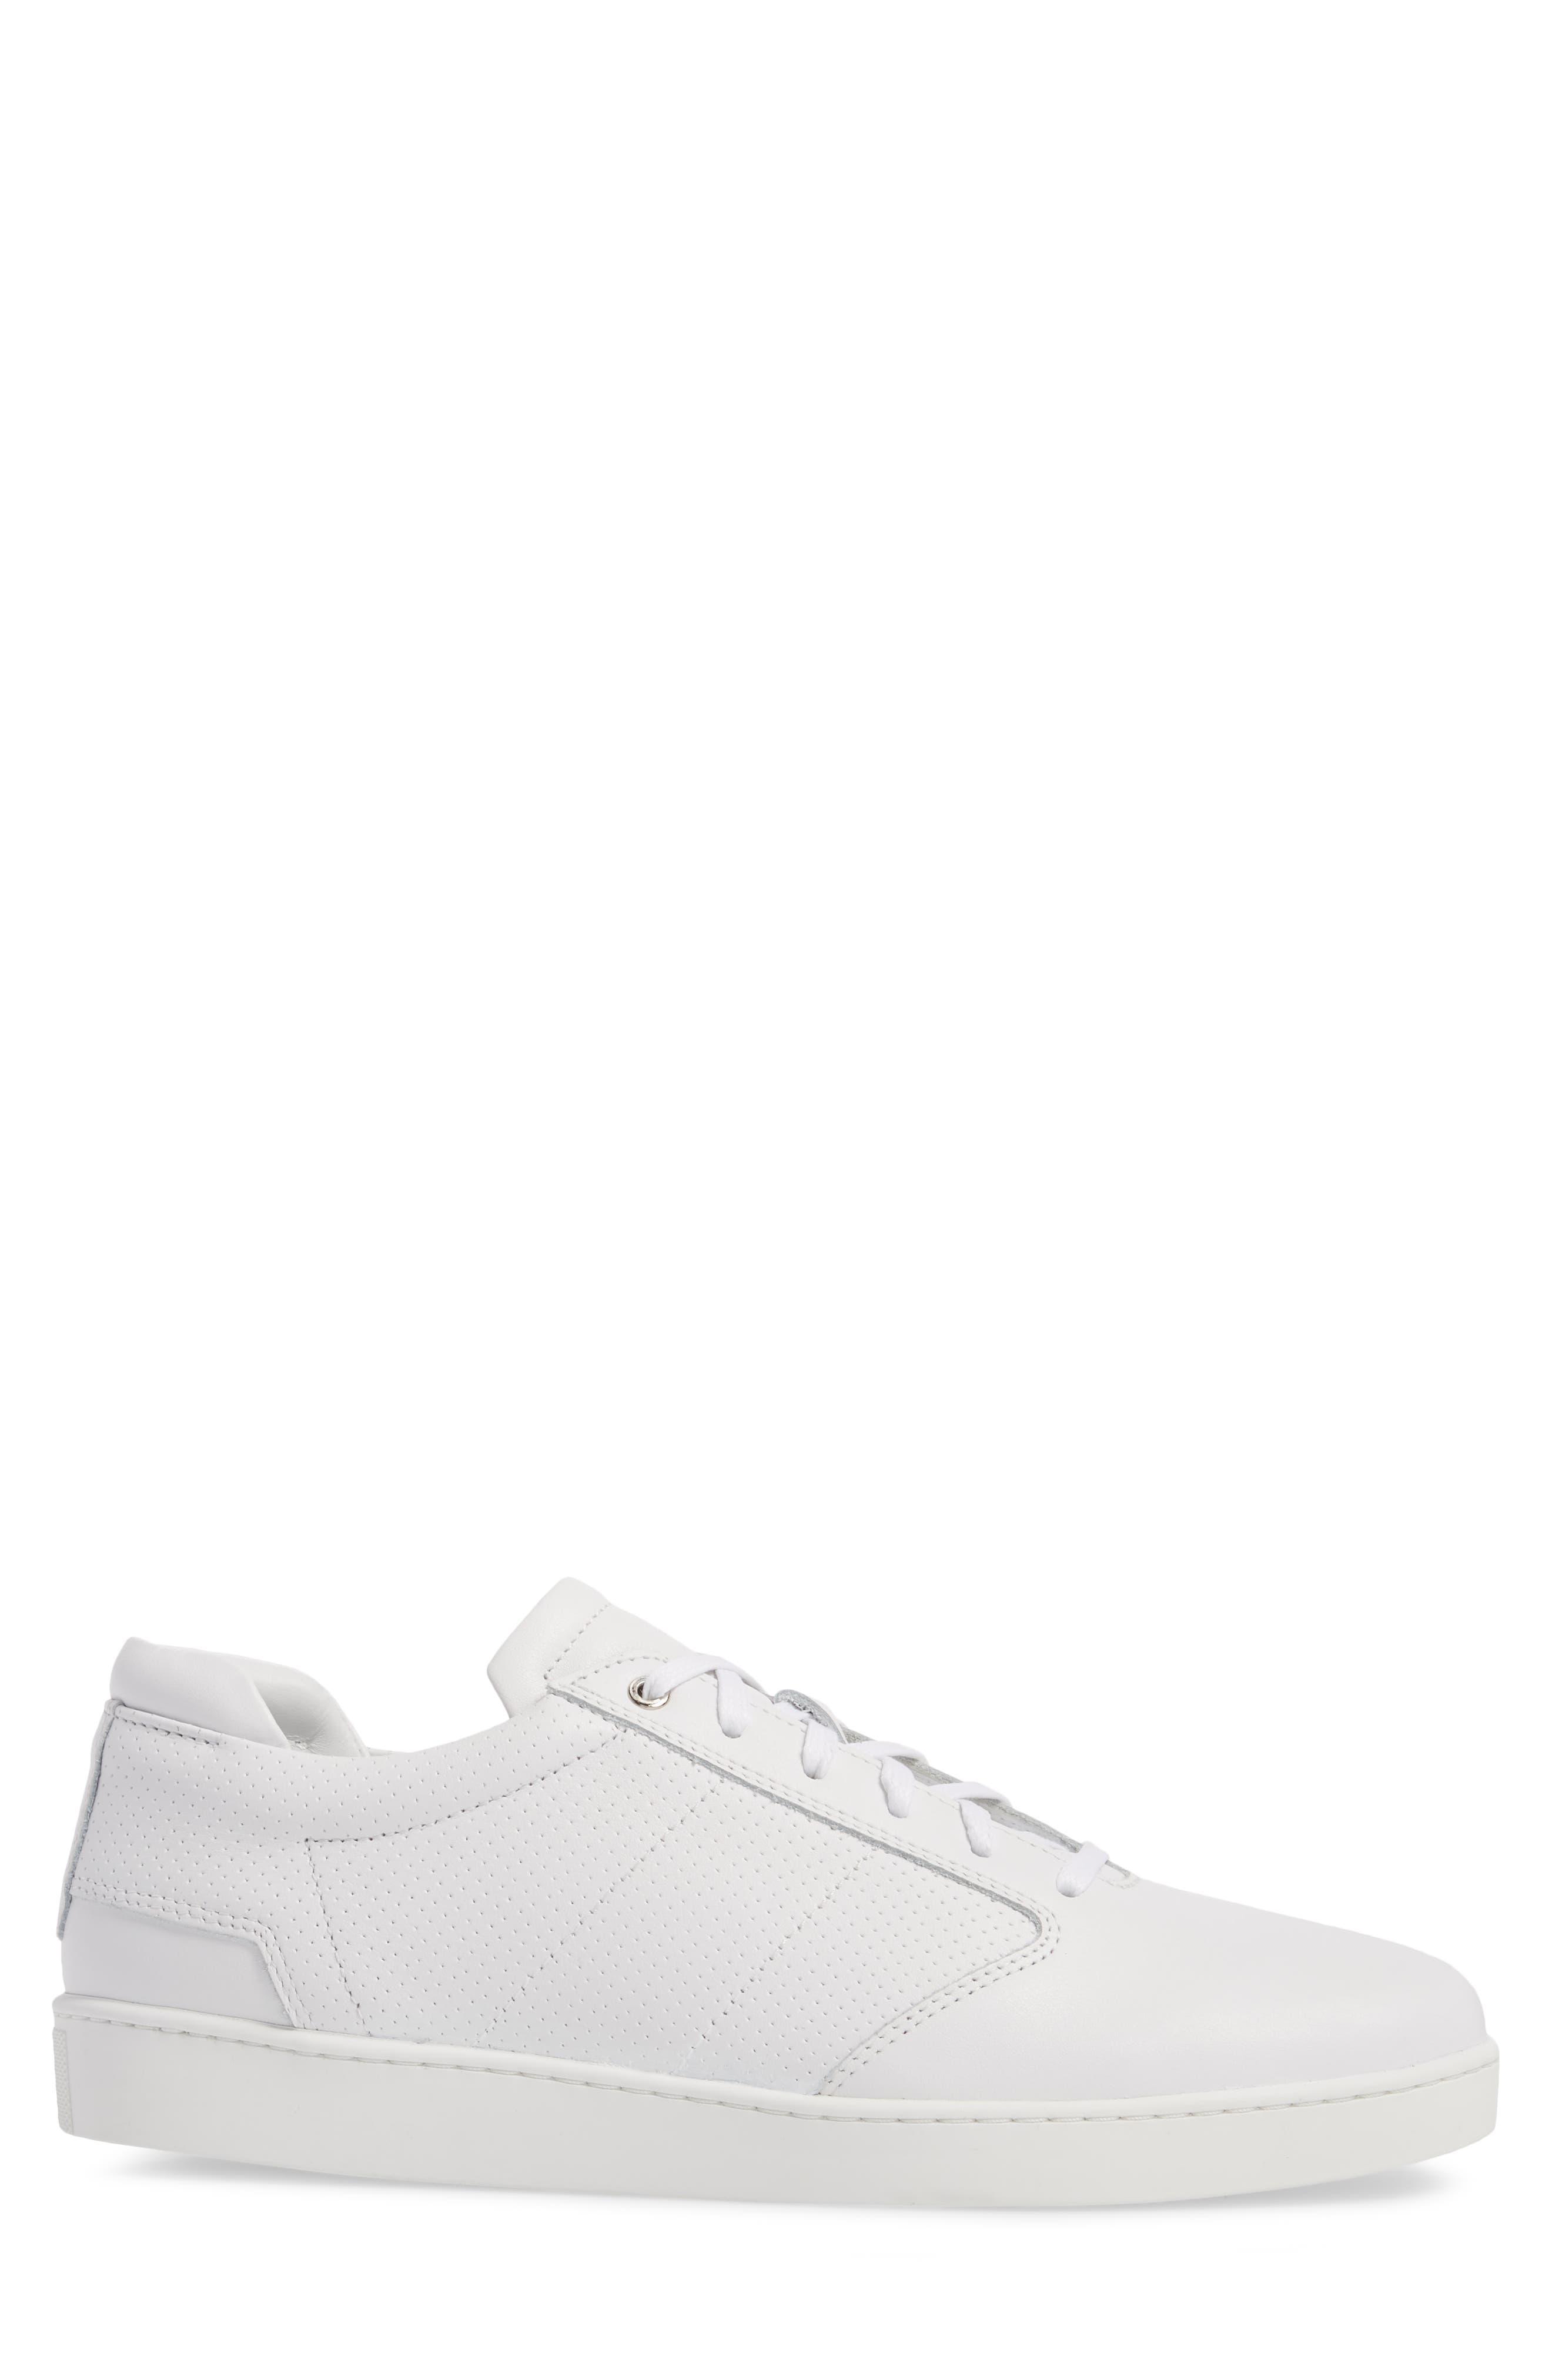 Lennon Sneaker,                             Alternate thumbnail 3, color,                             Multi Perforated White